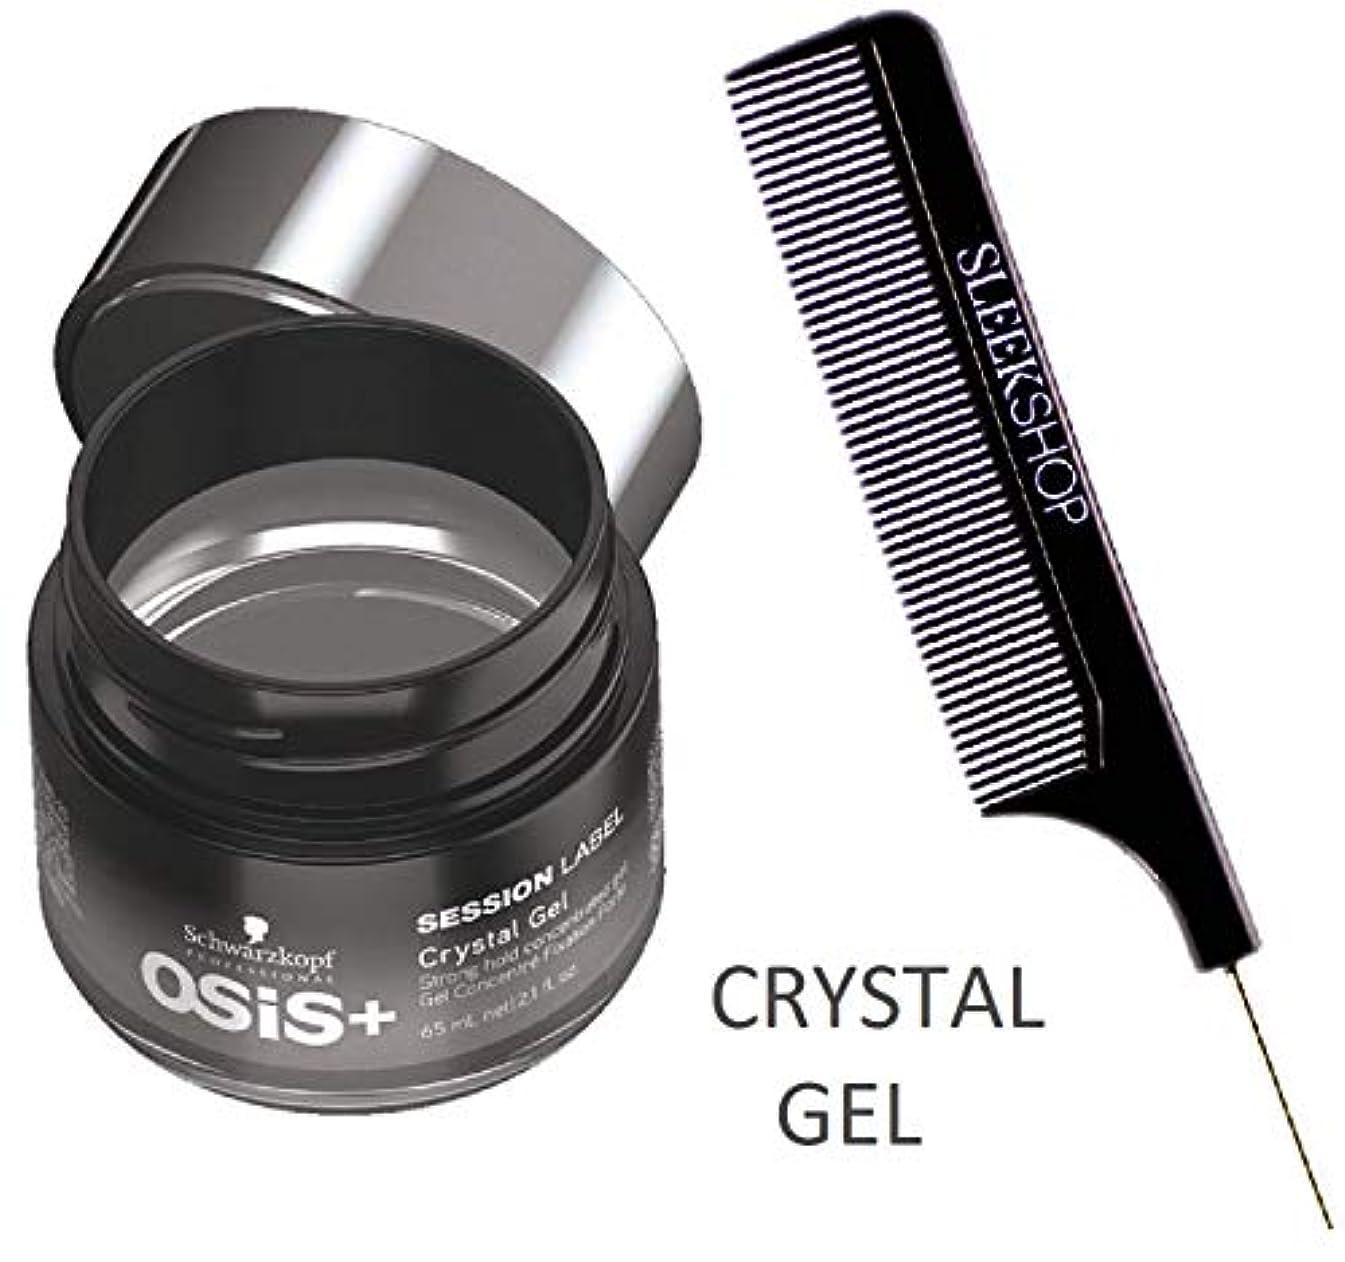 リハーサル債務トレースSchwarzkopf OSIS +セッションラベルCRYSTAL GELストロングホールド濃縮ジェル(STYLISTのKIT) 2.1オンス/ 65ミリリットル